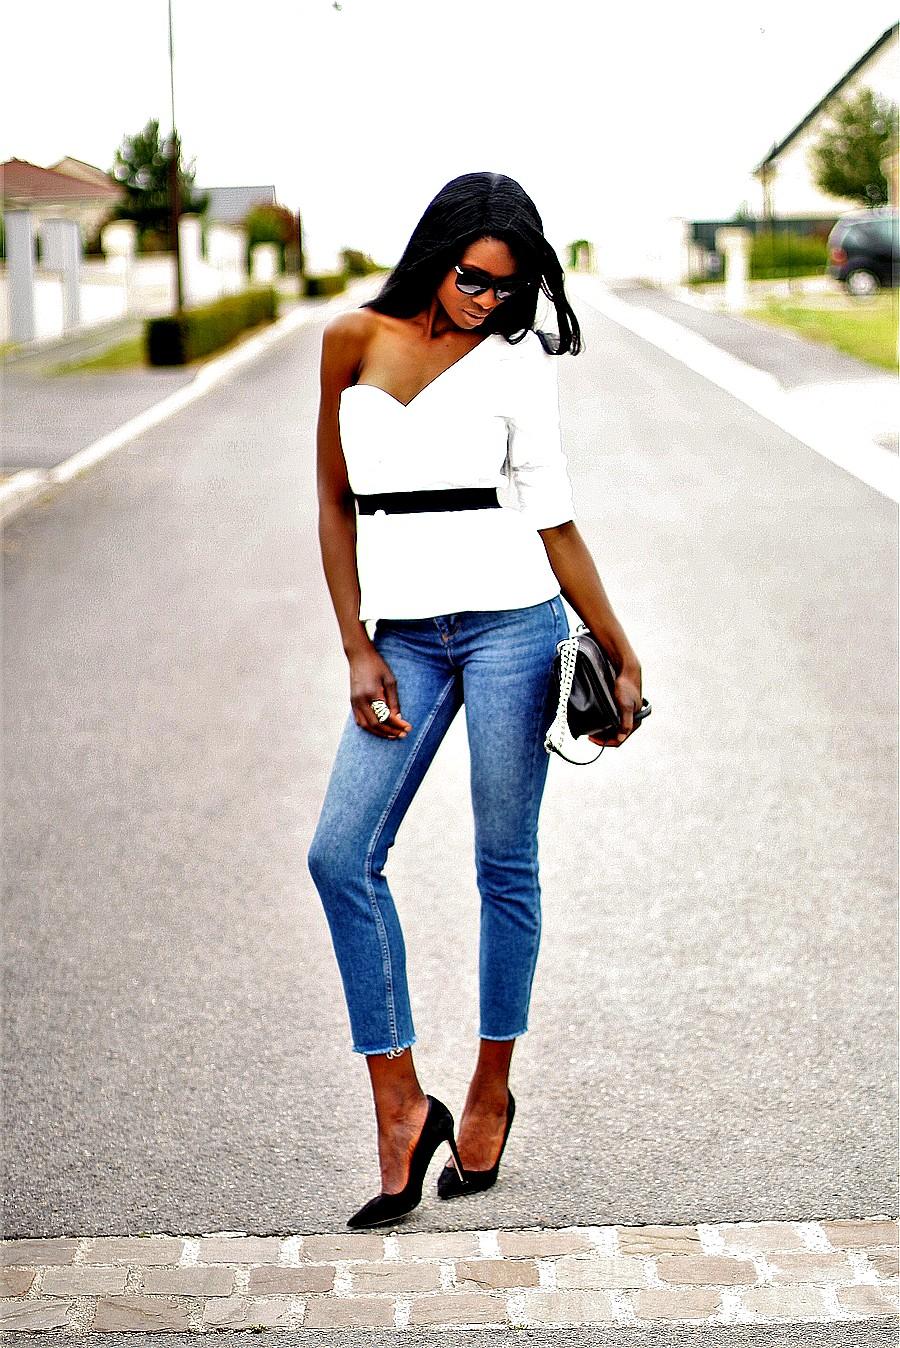 comment-etre-chic-en-jeans-blog-mode